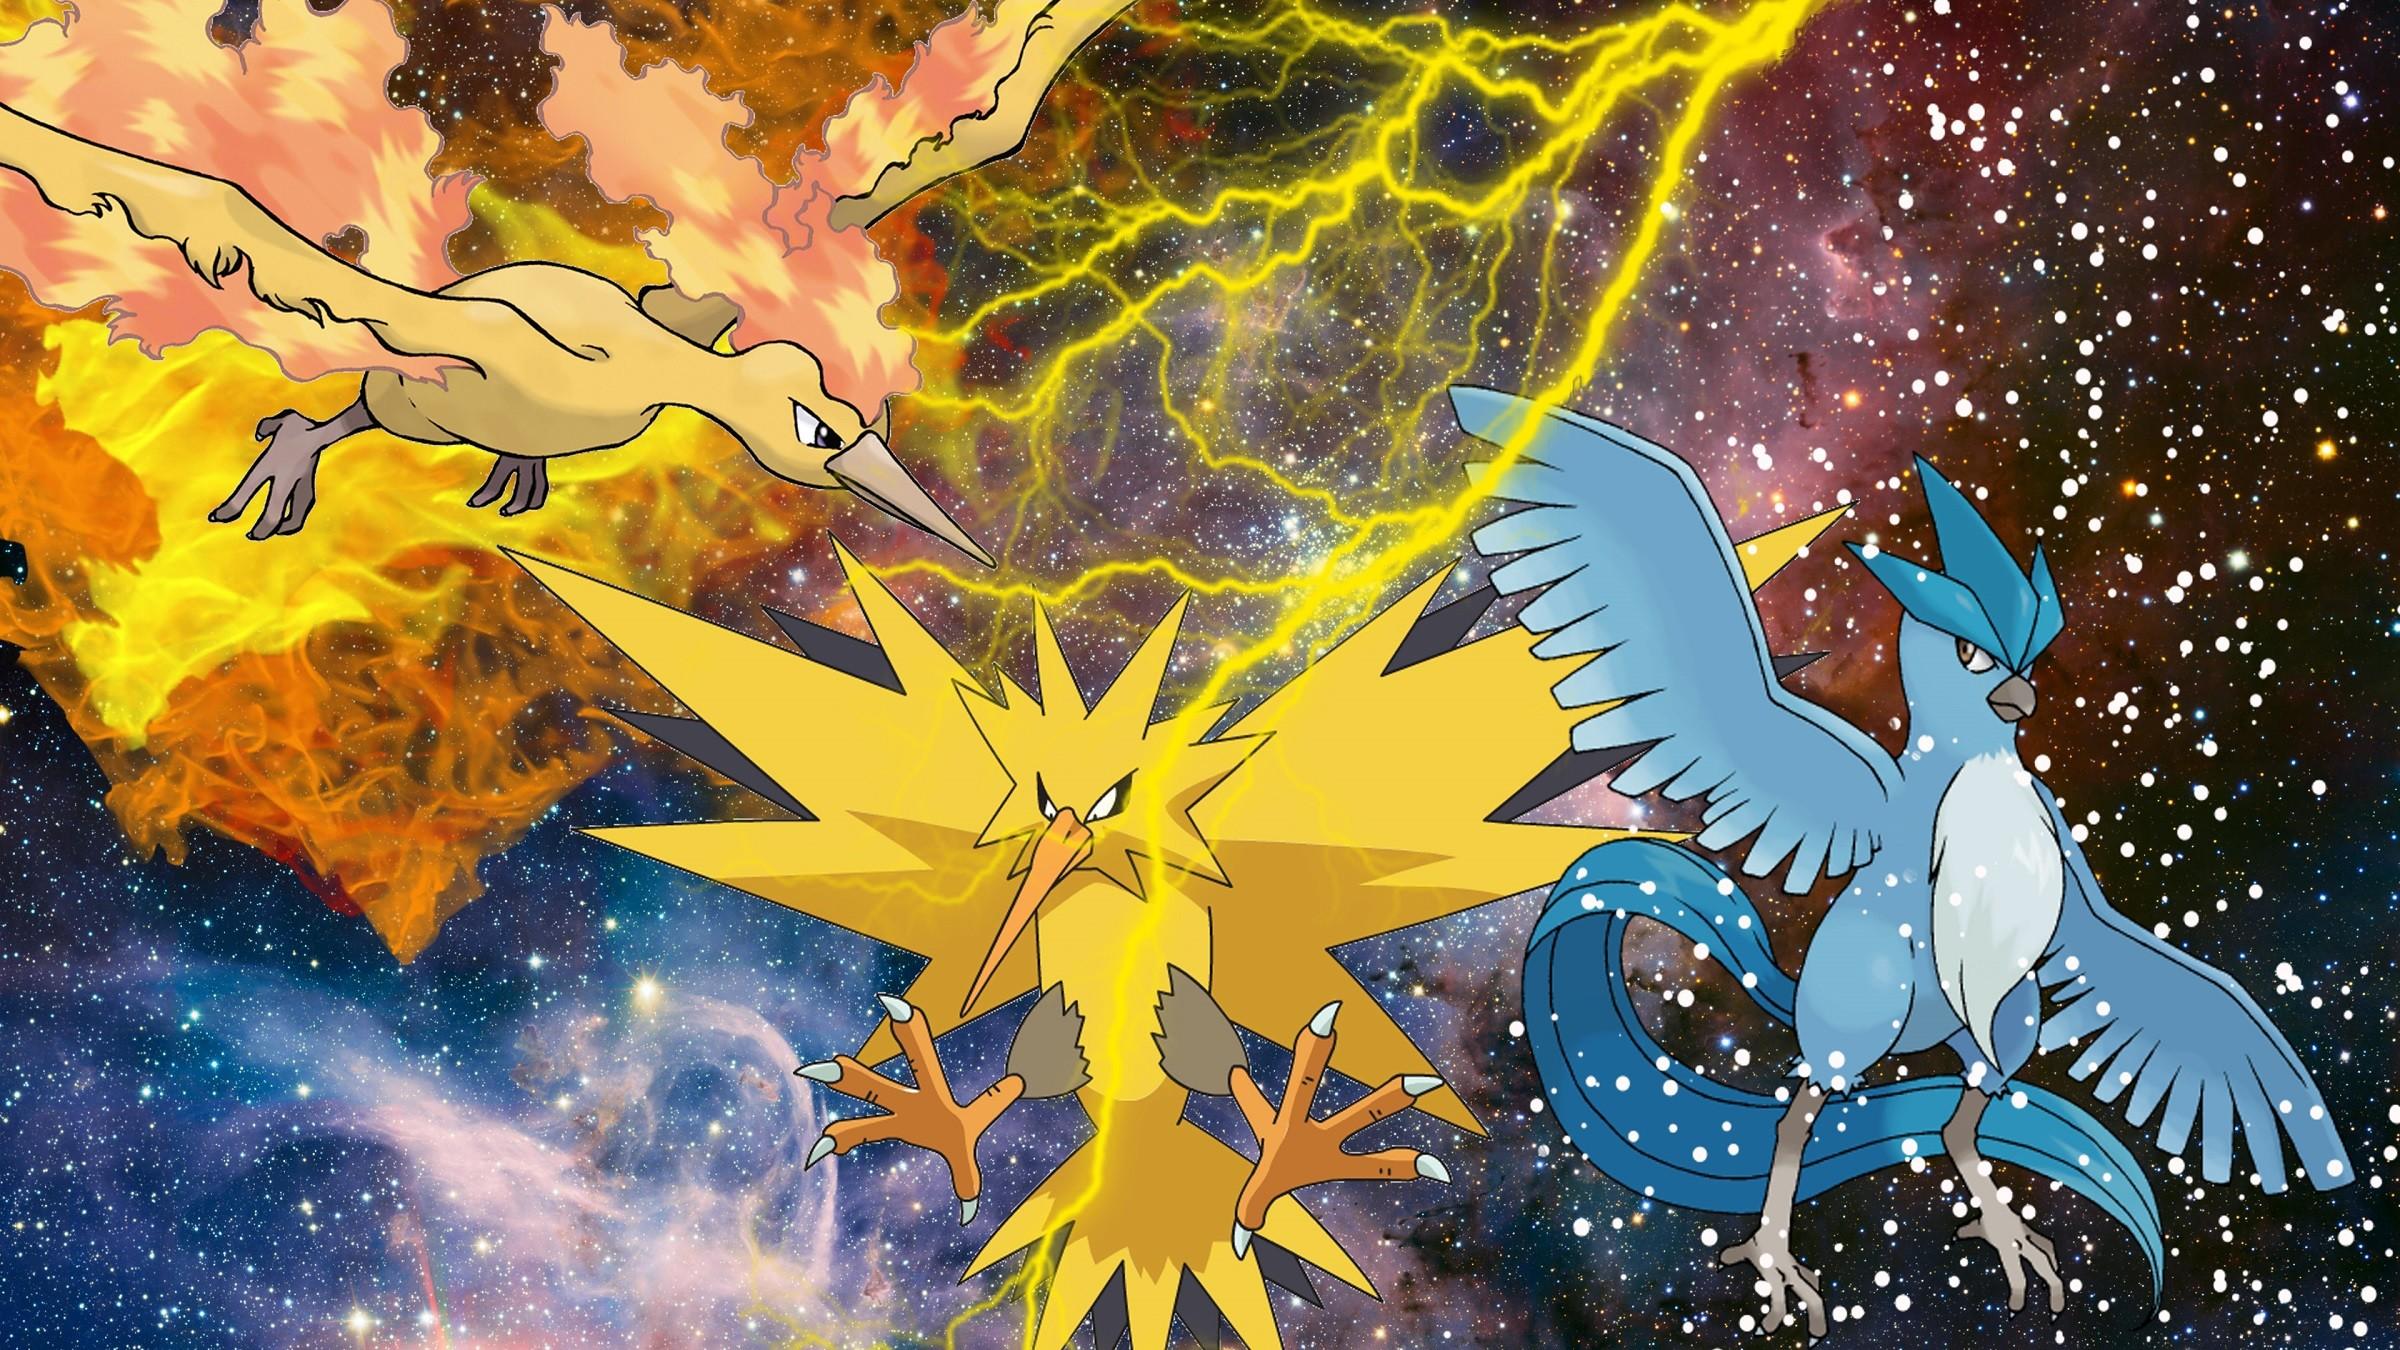 Gen 2/Legendary Pokémon